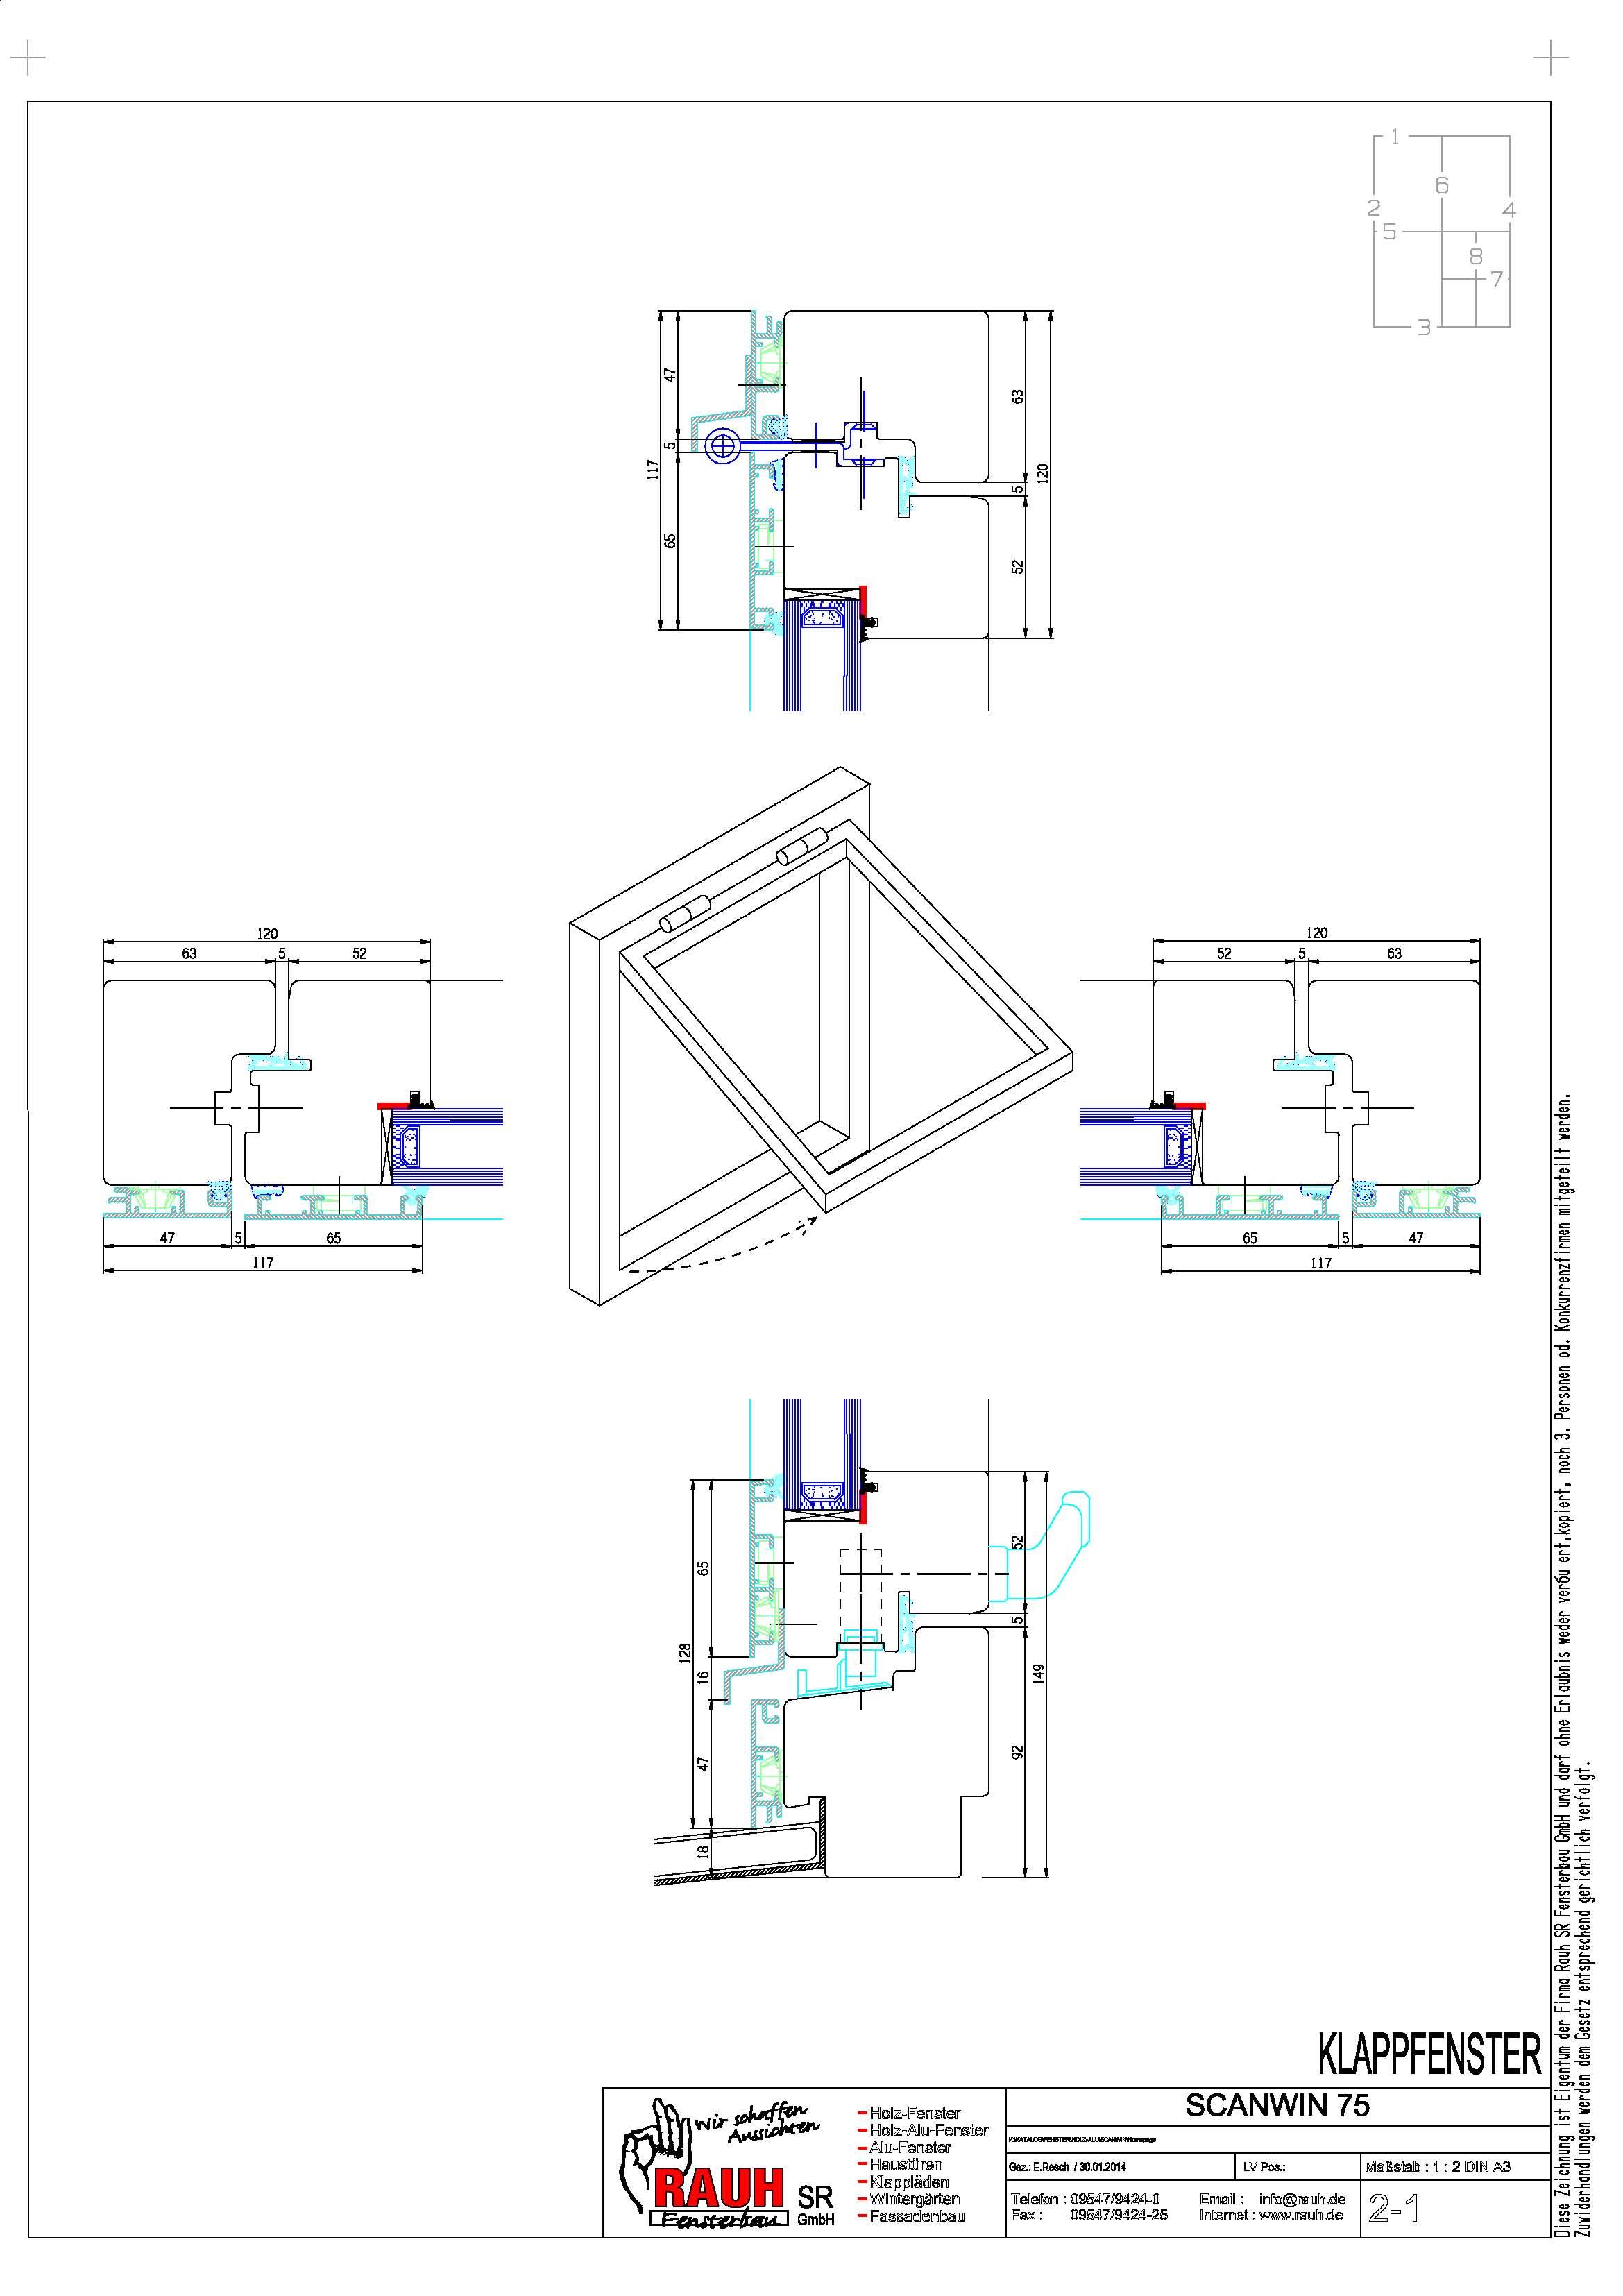 Fenster außen detail  RAUH SR Fensterbau GmbH: Scanwin